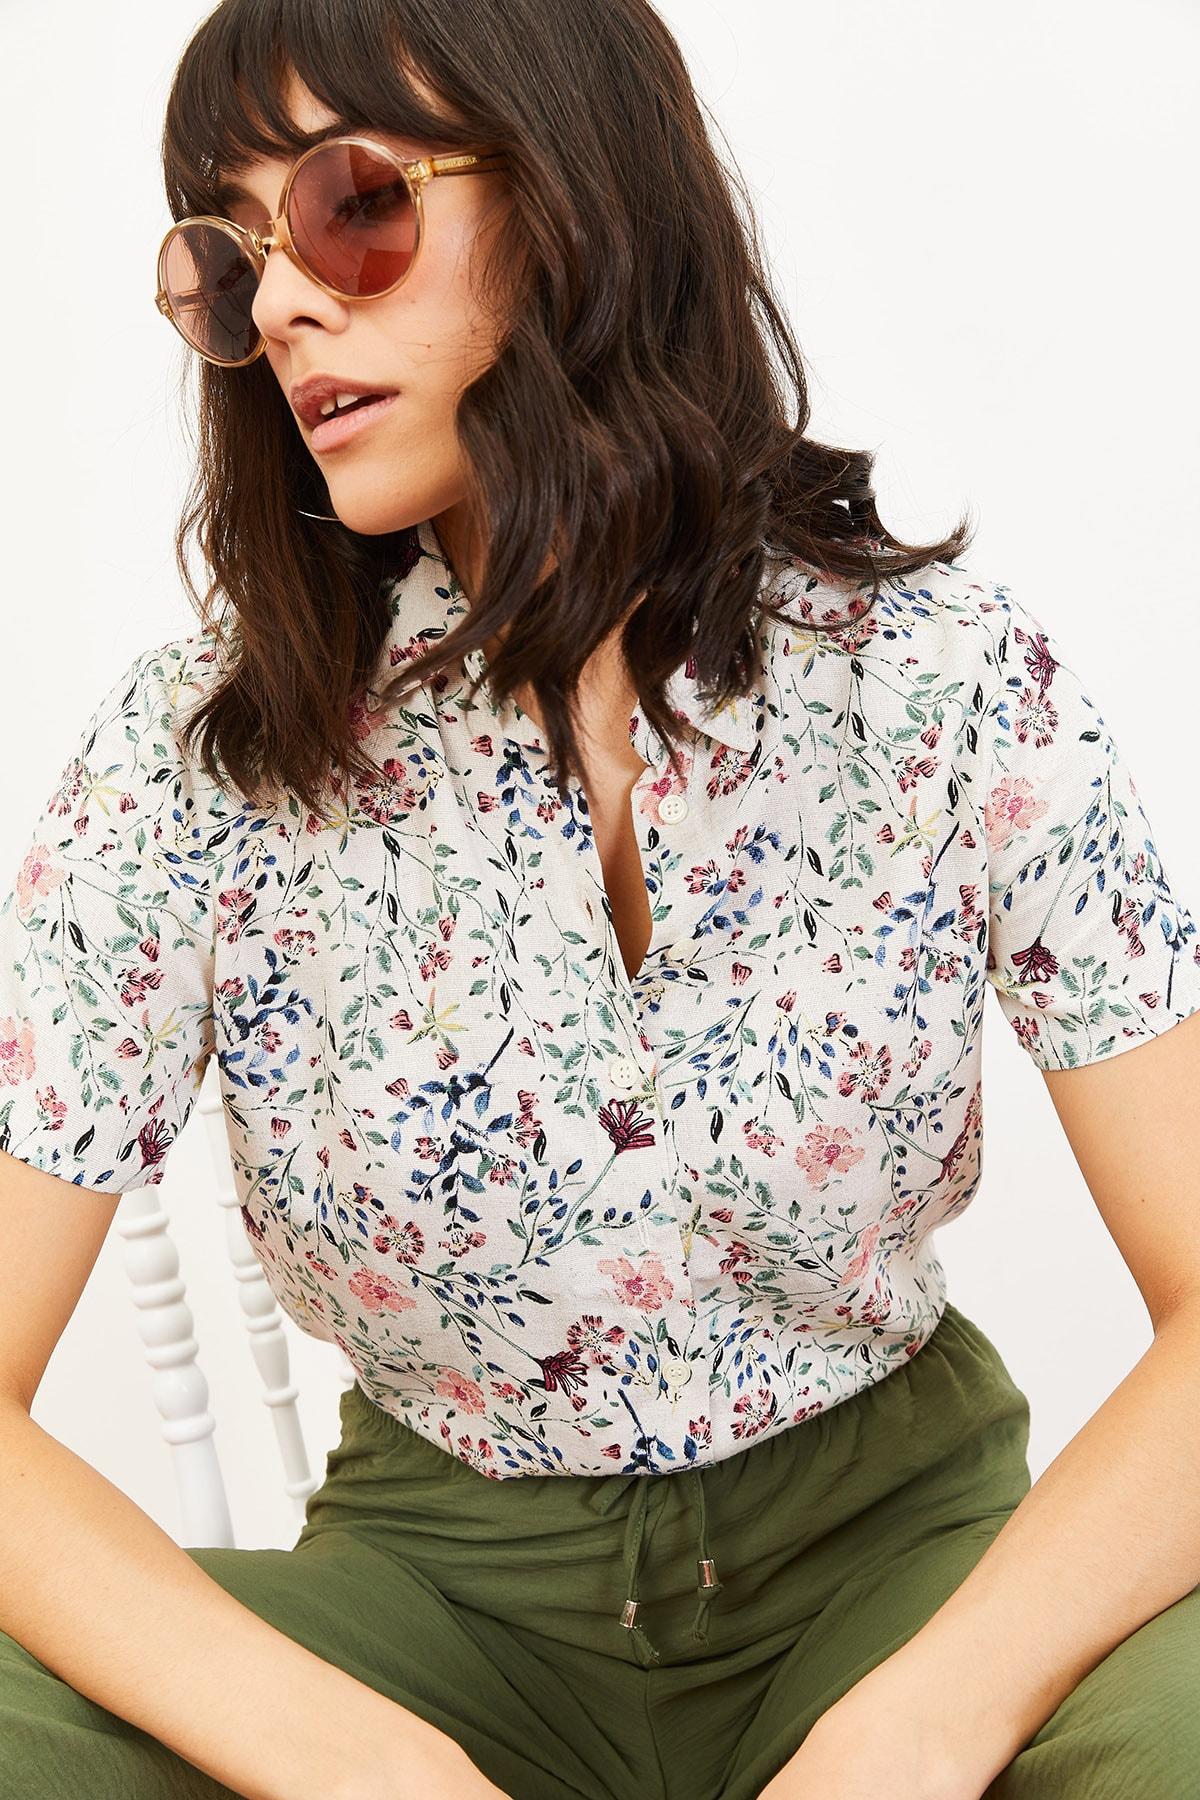 Bianco Lucci Kadın Çiçek Desen Kısa Kollu Keten Görünümlü Gömlek Pembe 10061001